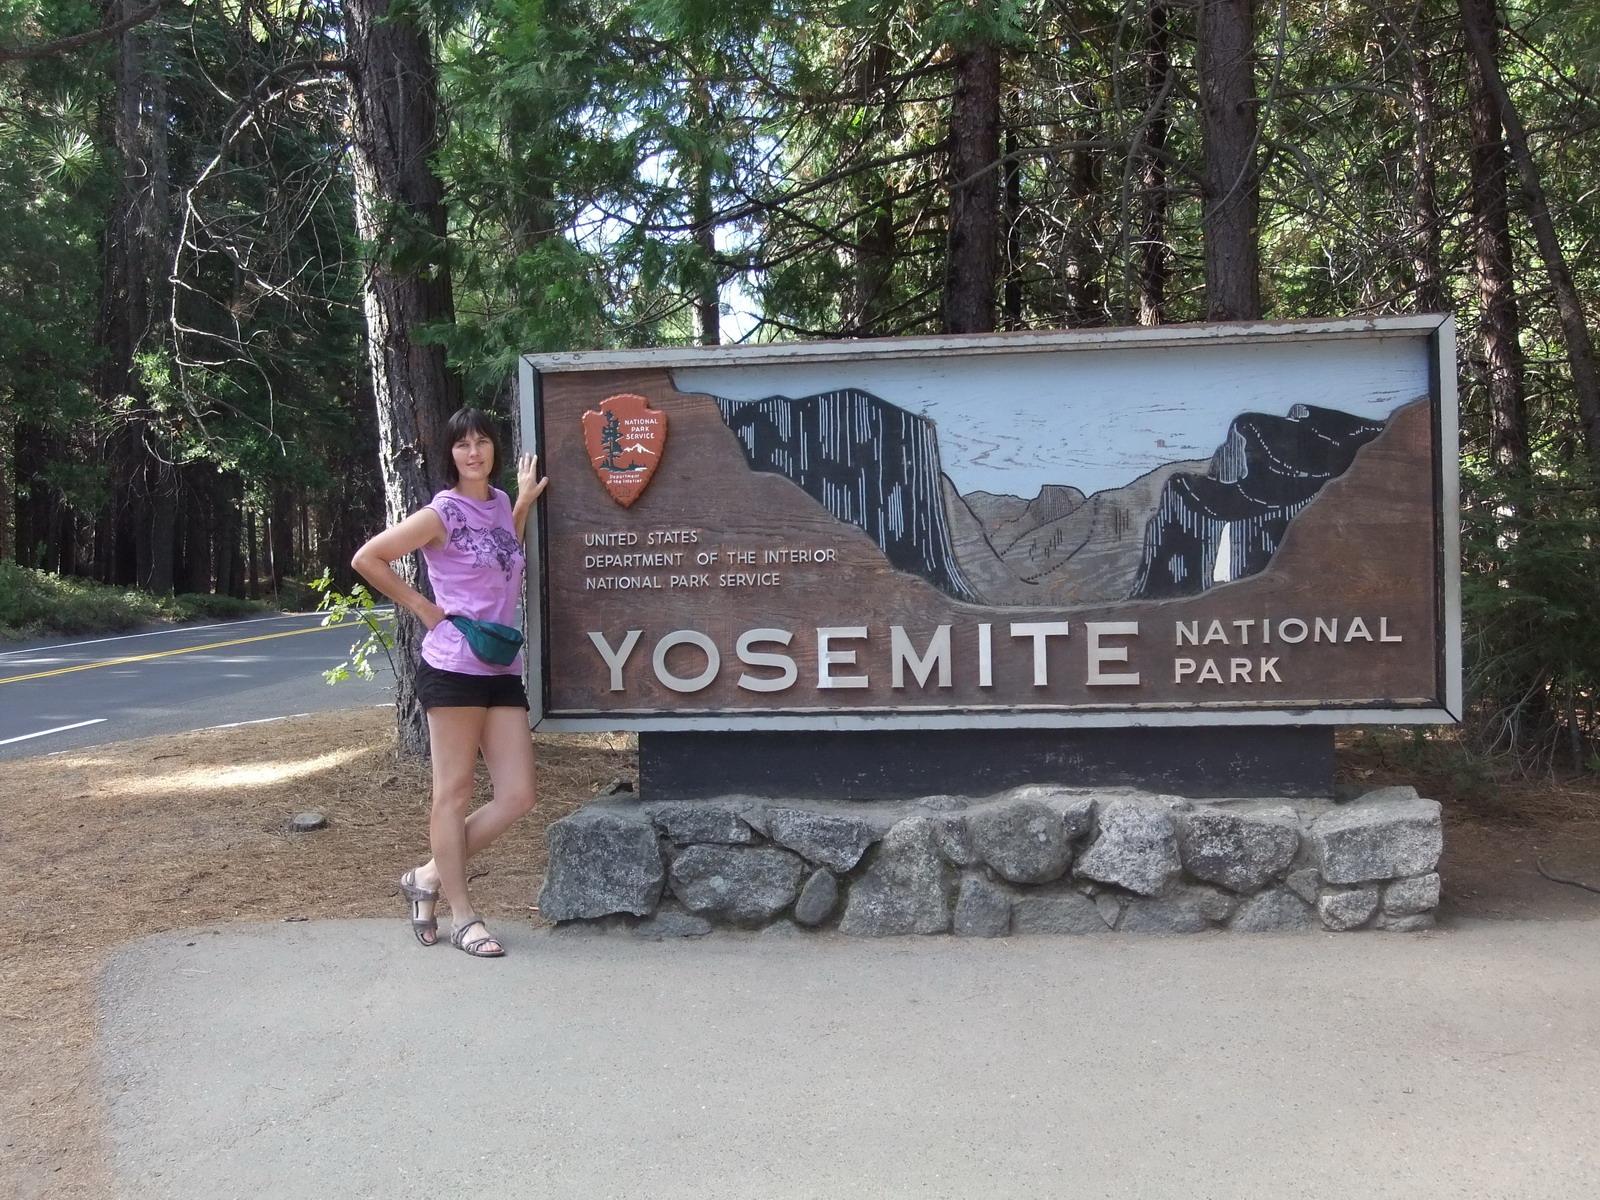 США, въезв в Yosemite